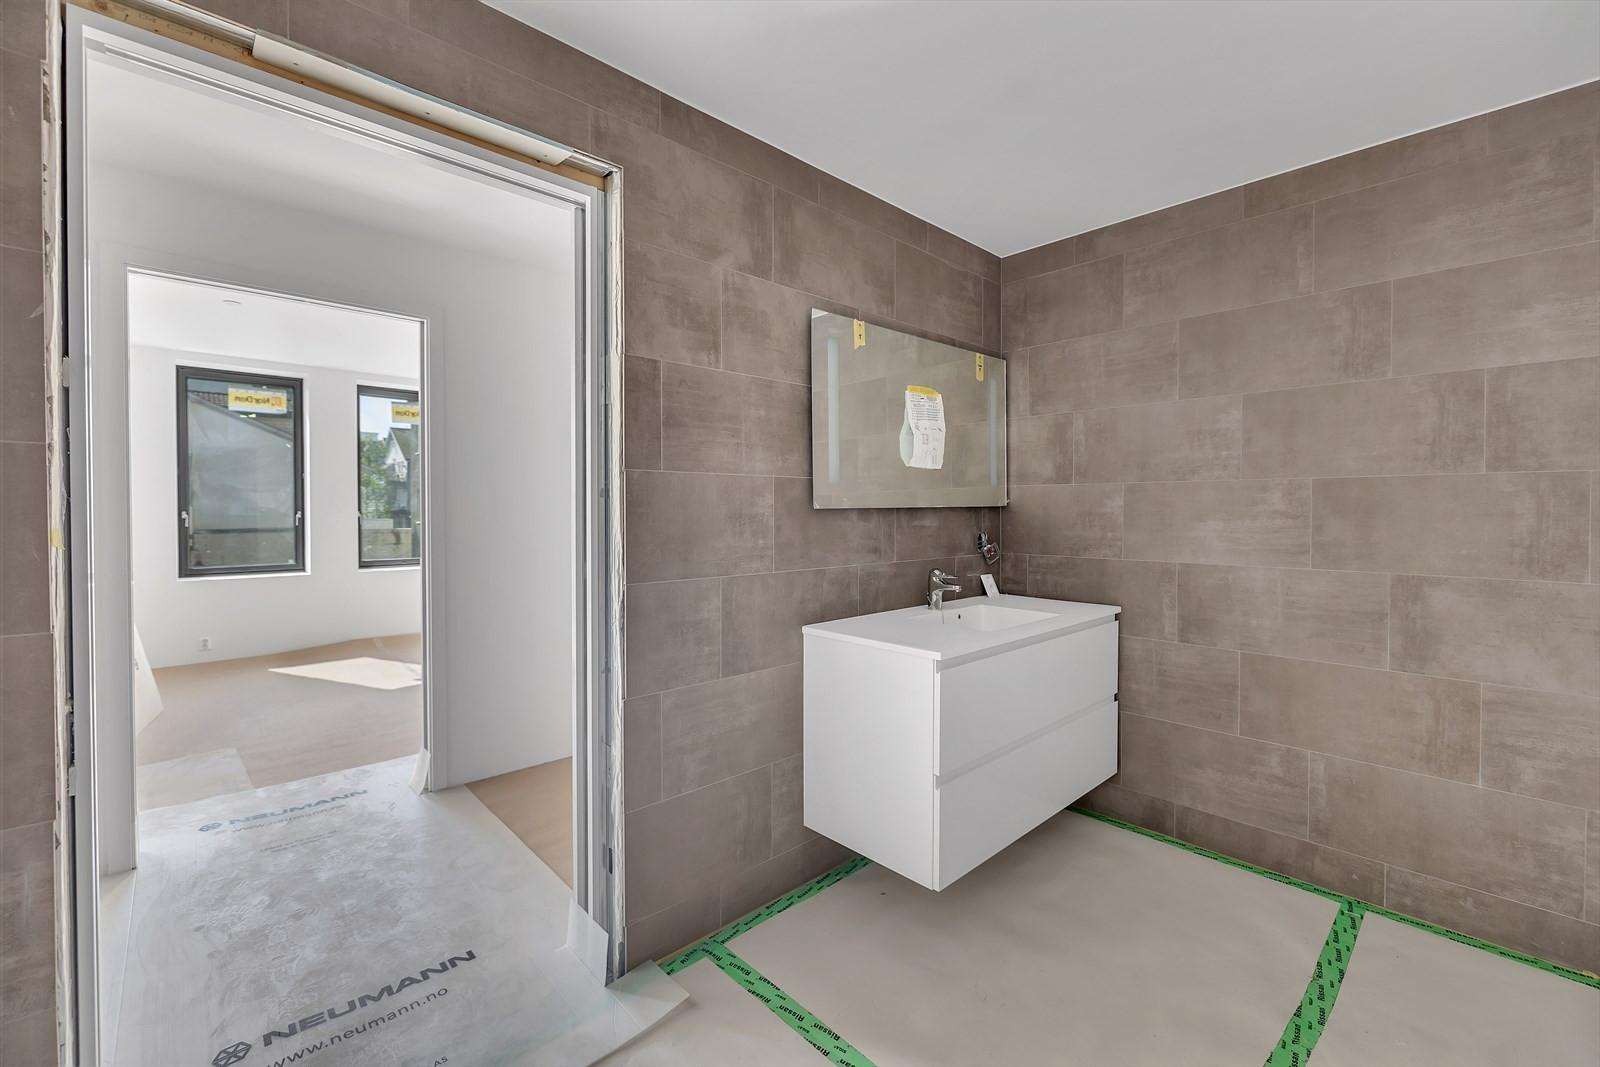 Baderom med dusj/vask/wc gjennomgang til  walk in closet før soverommet